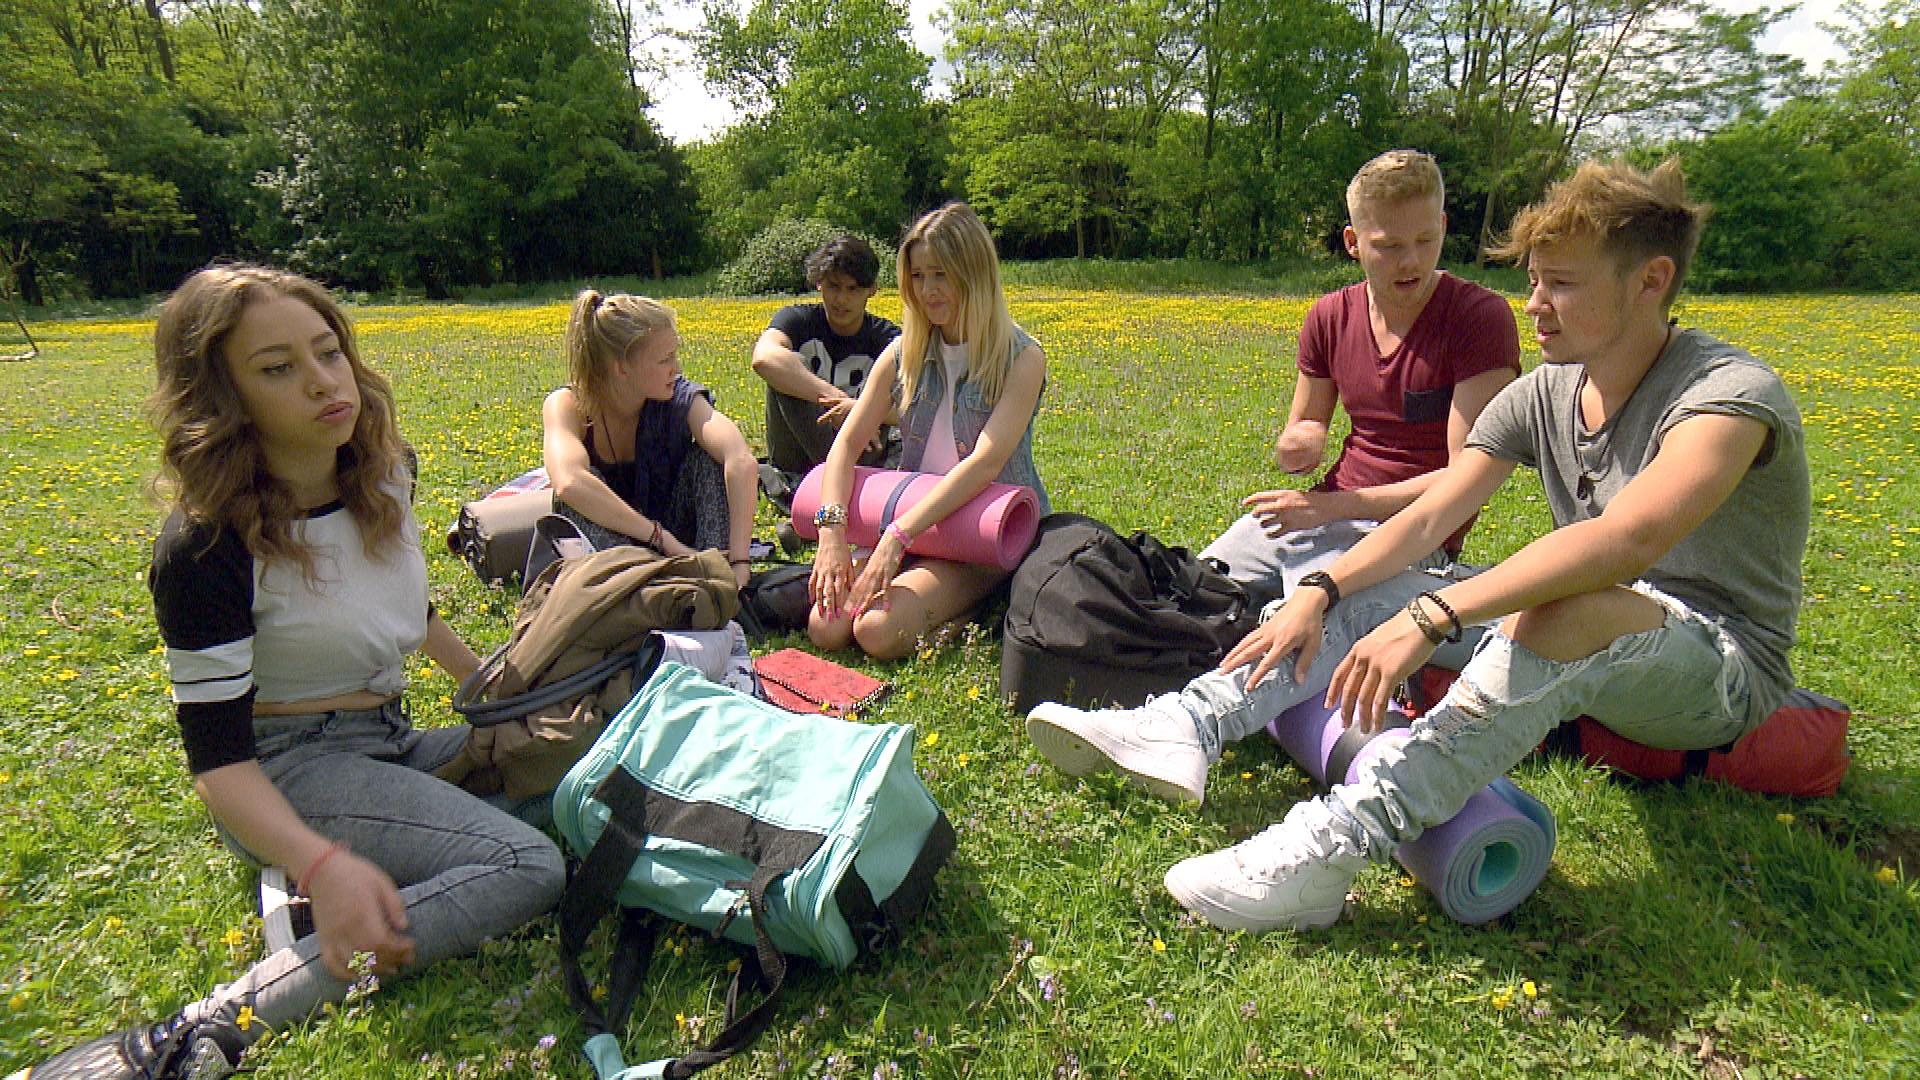 v.l.n.r.: Elli, Lotte, Lina, Yanick, Paul, Rafa (Quelle: RTL 2)